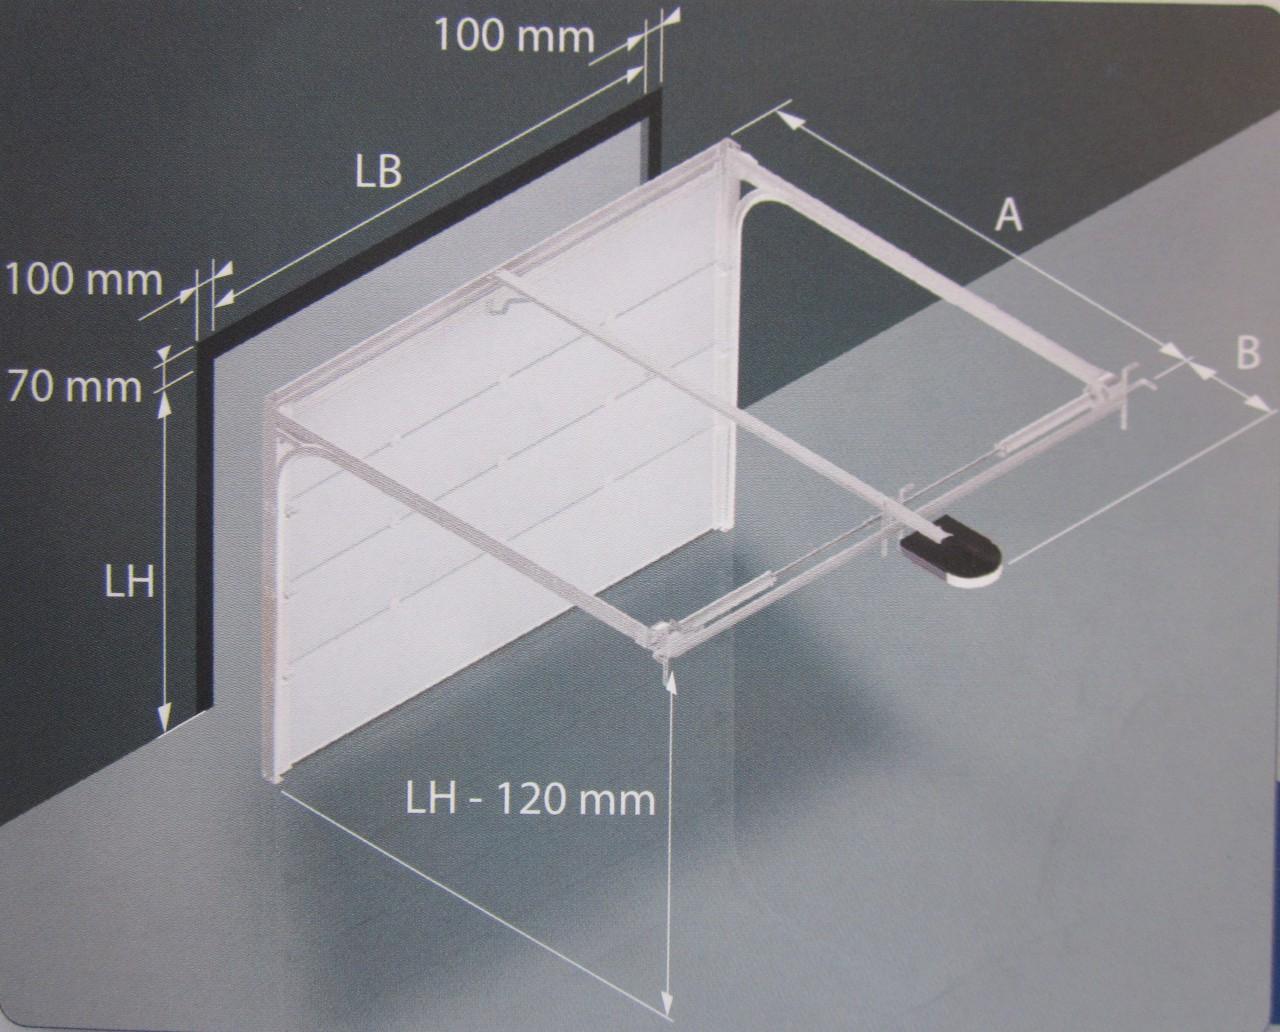 Charming Lichte Öffnungshöhe   120mm U003d Durchgangshöhe Bei Geöffnetem Garagentor